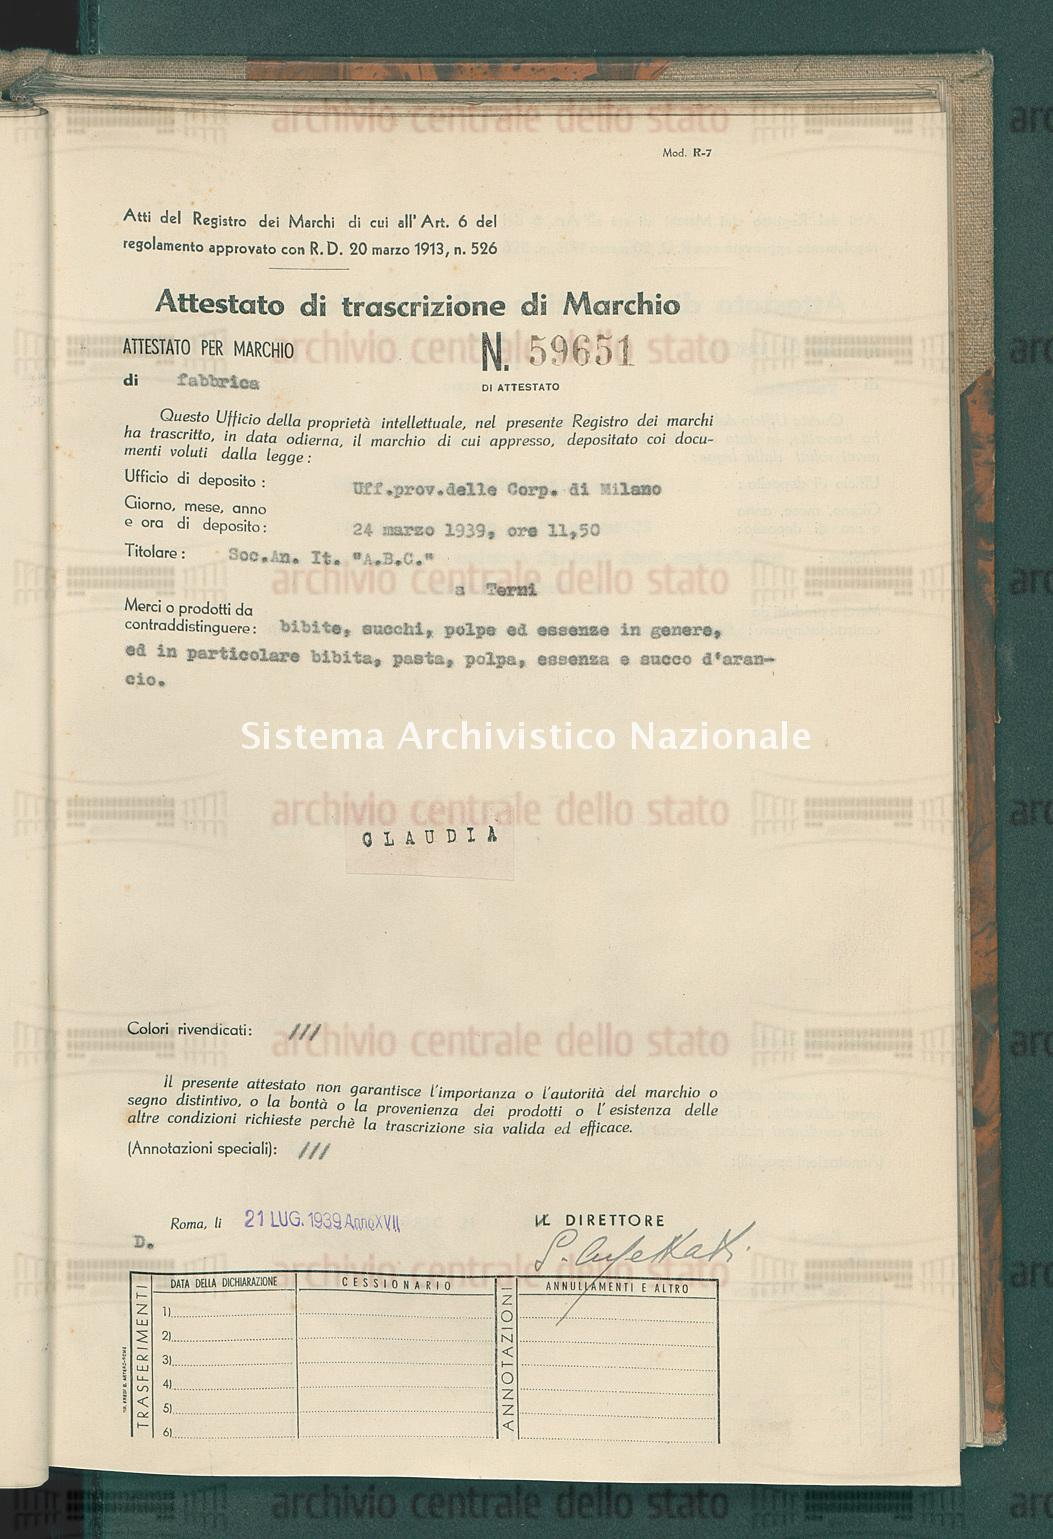 Bibite, succhi, polpe ed essenze in genere, ecc. Soc. An. It. 'A.B.C.' (21/07/1939)